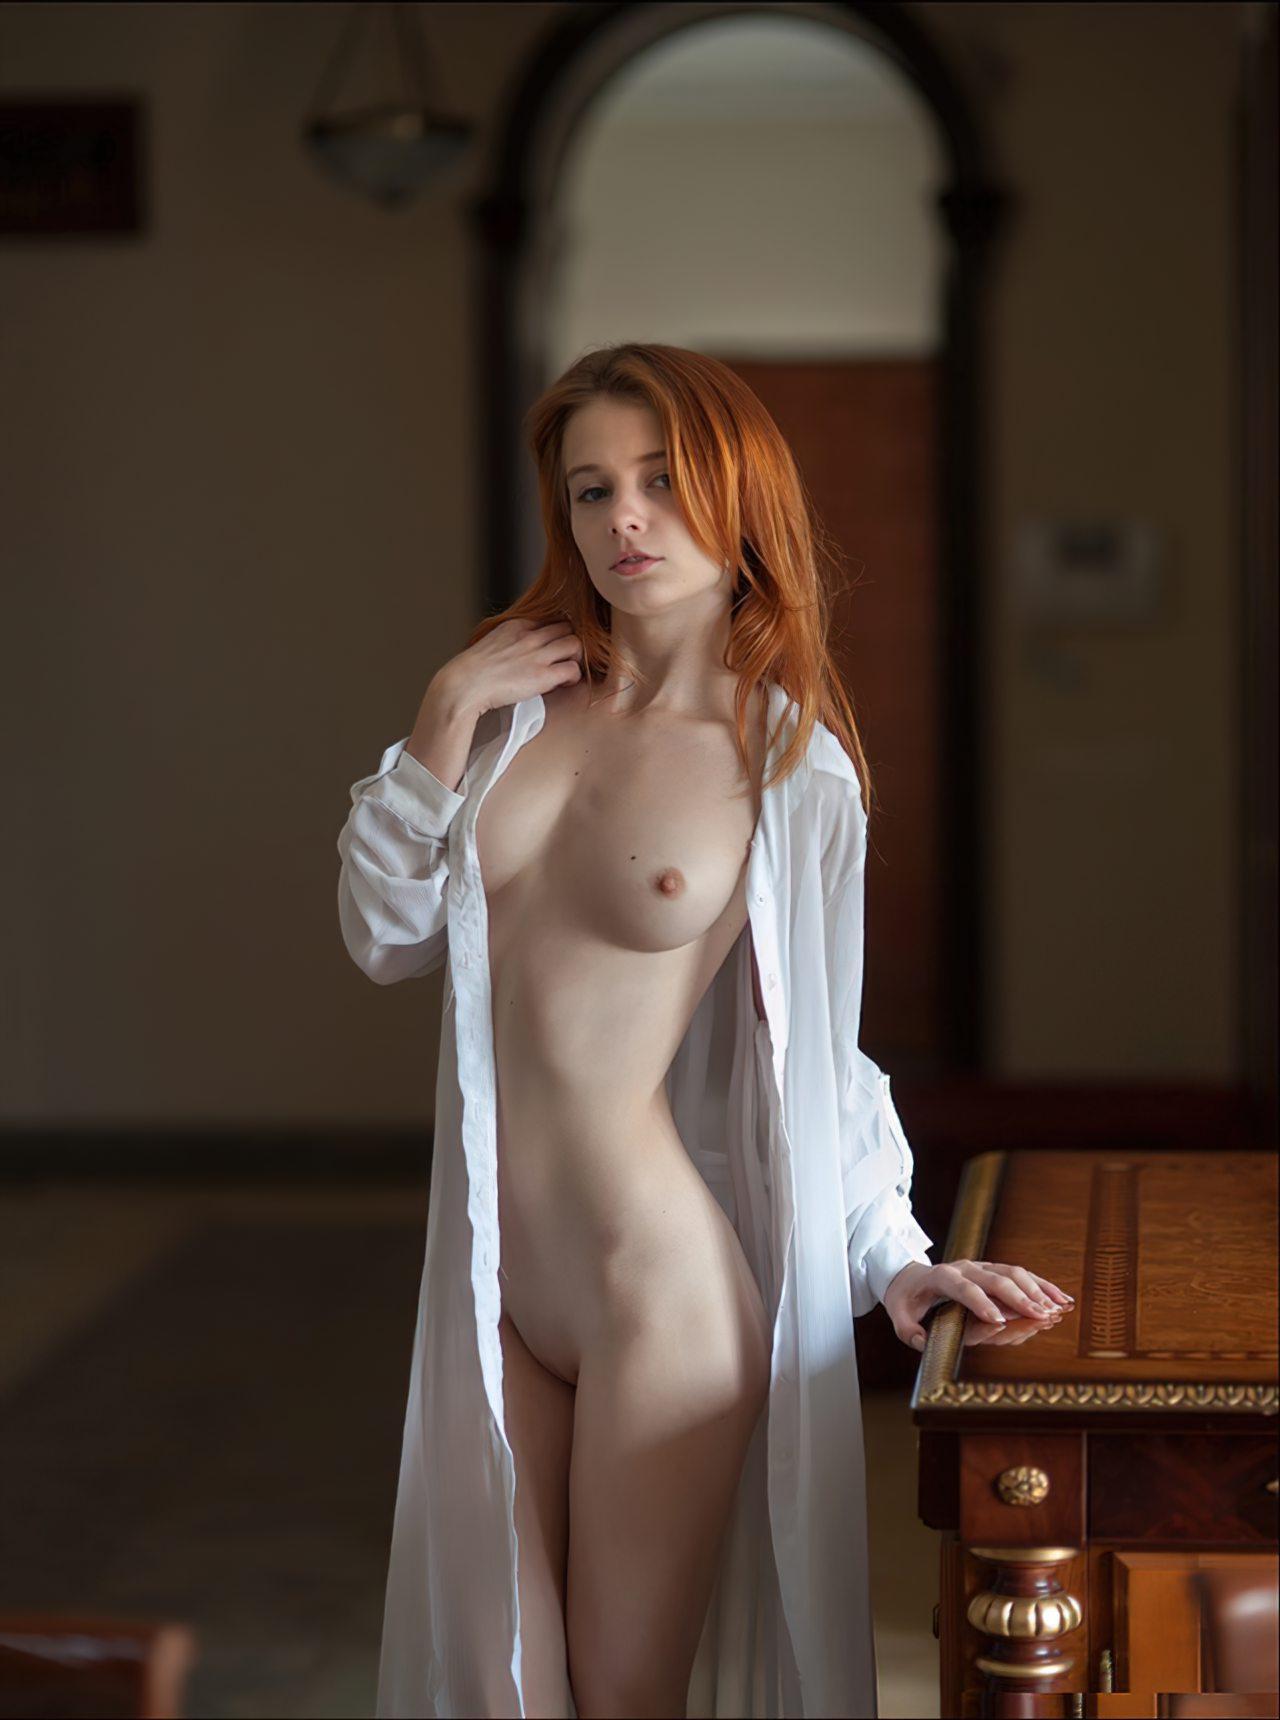 Mulher Pelada Foto (18)